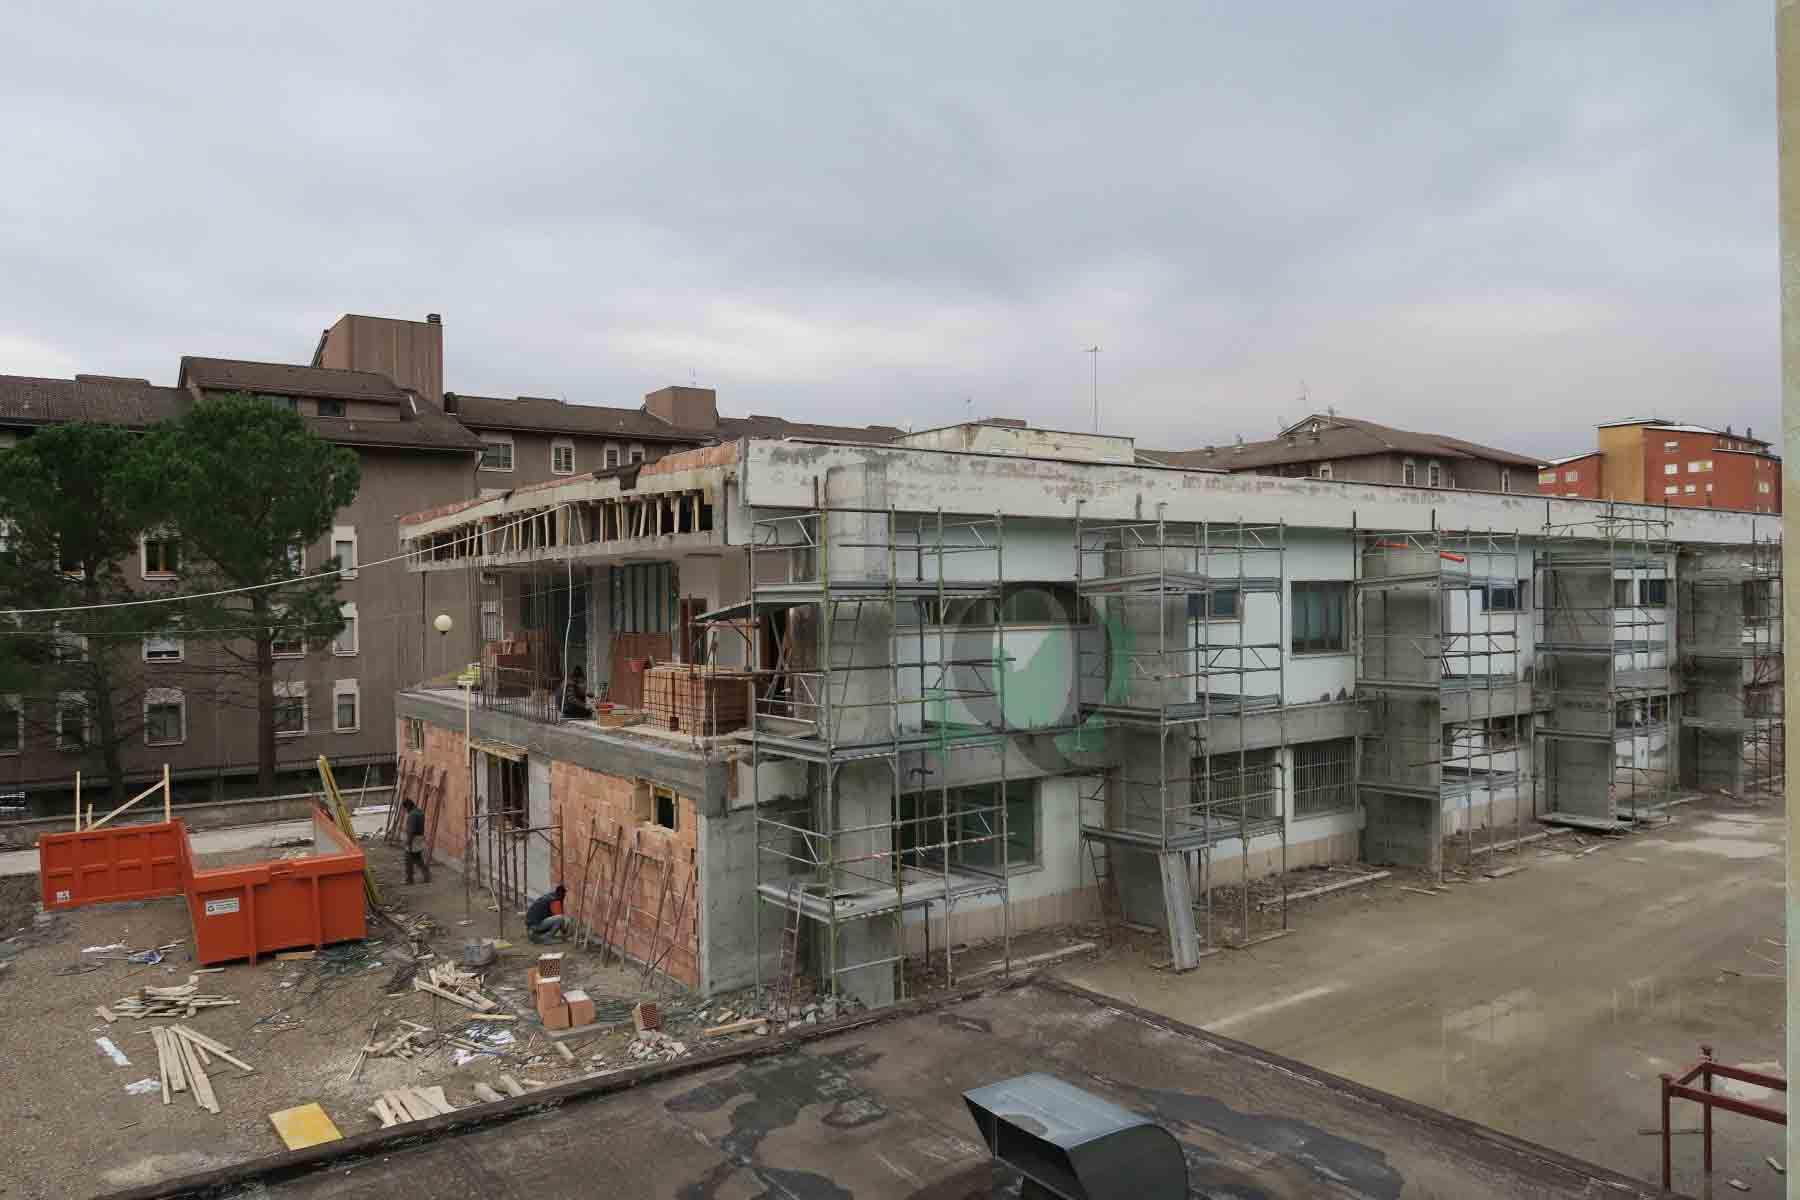 Adeguamento sismico della Don Milani, lavori quasi ultimati